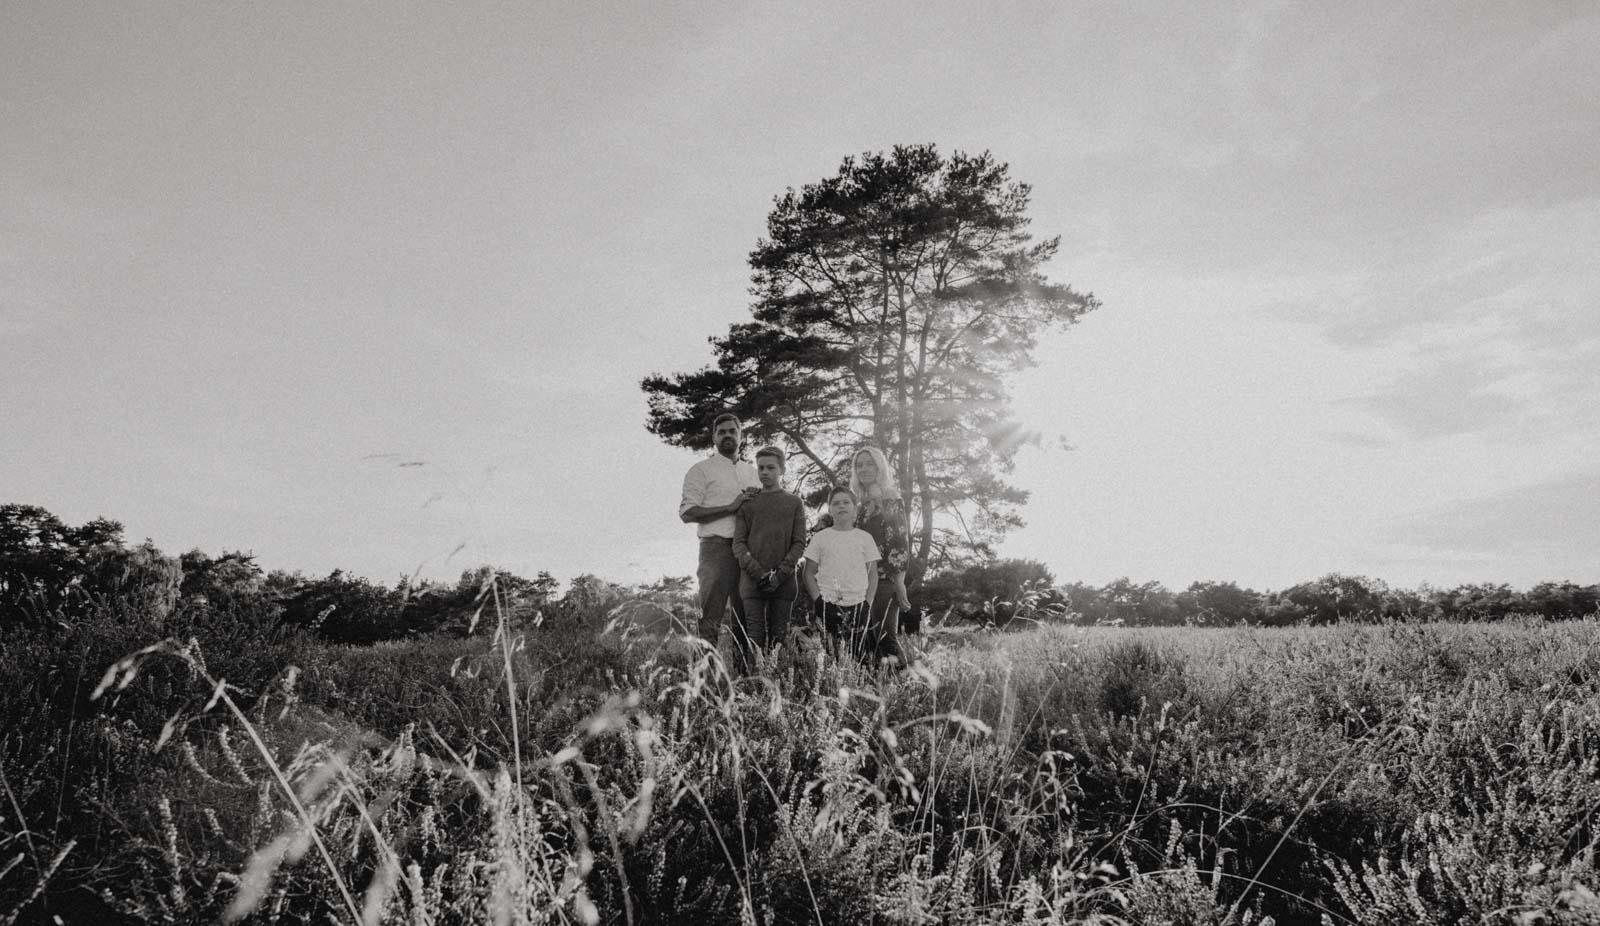 Familienportrait vor Baum in Heidelandschaft